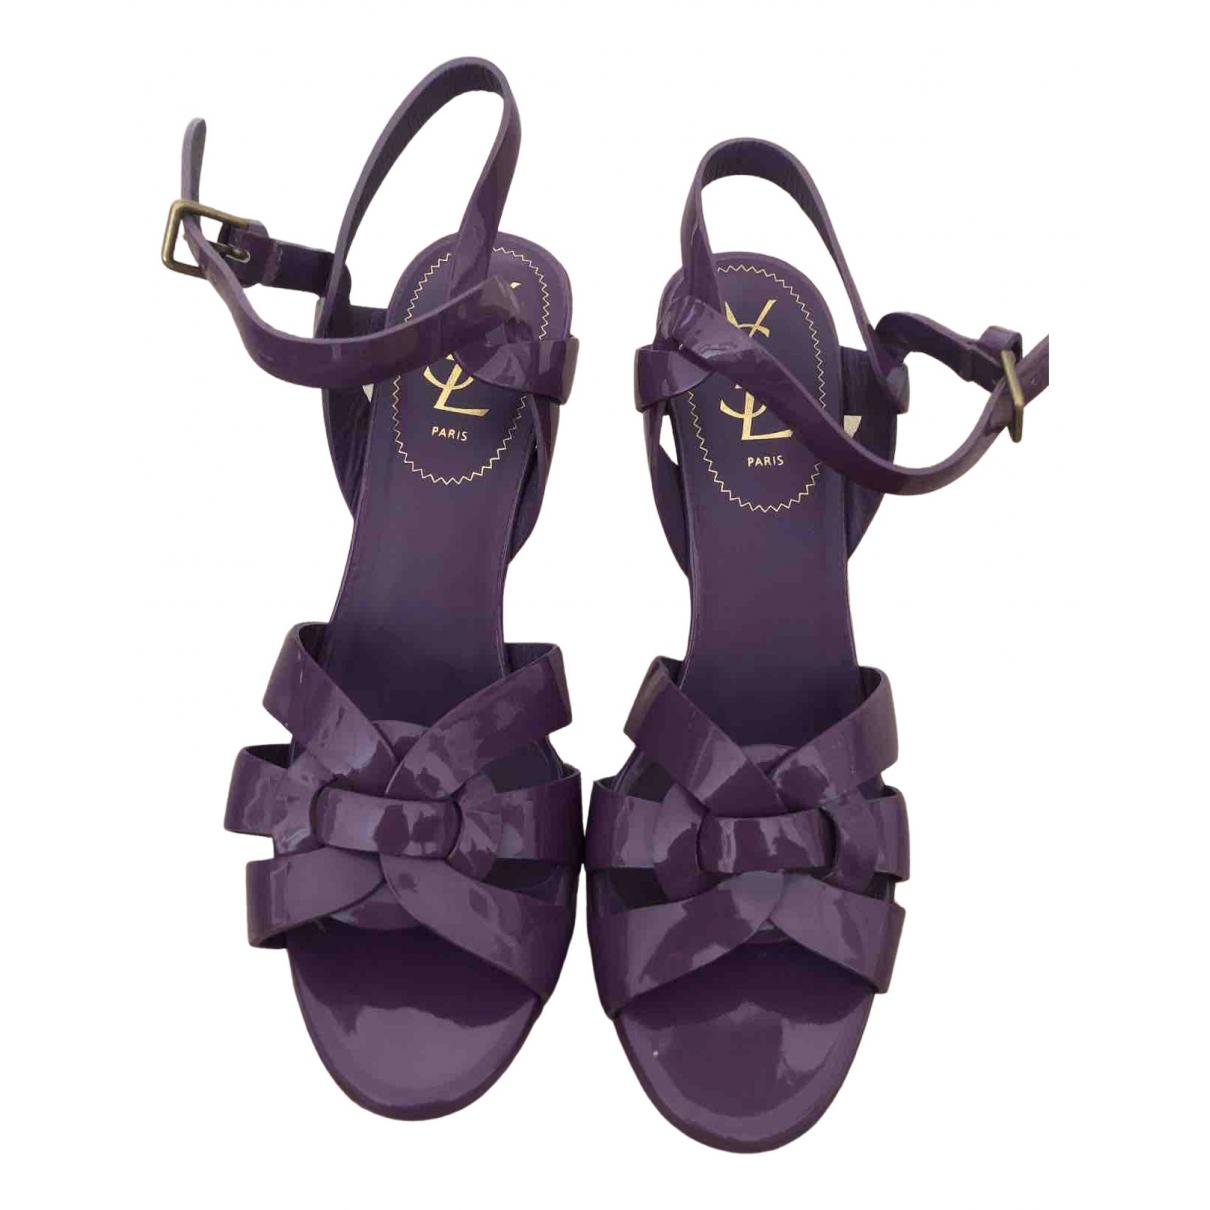 Yves Saint Laurent Tribute Purple Patent leather Sandals for Women 38 EU